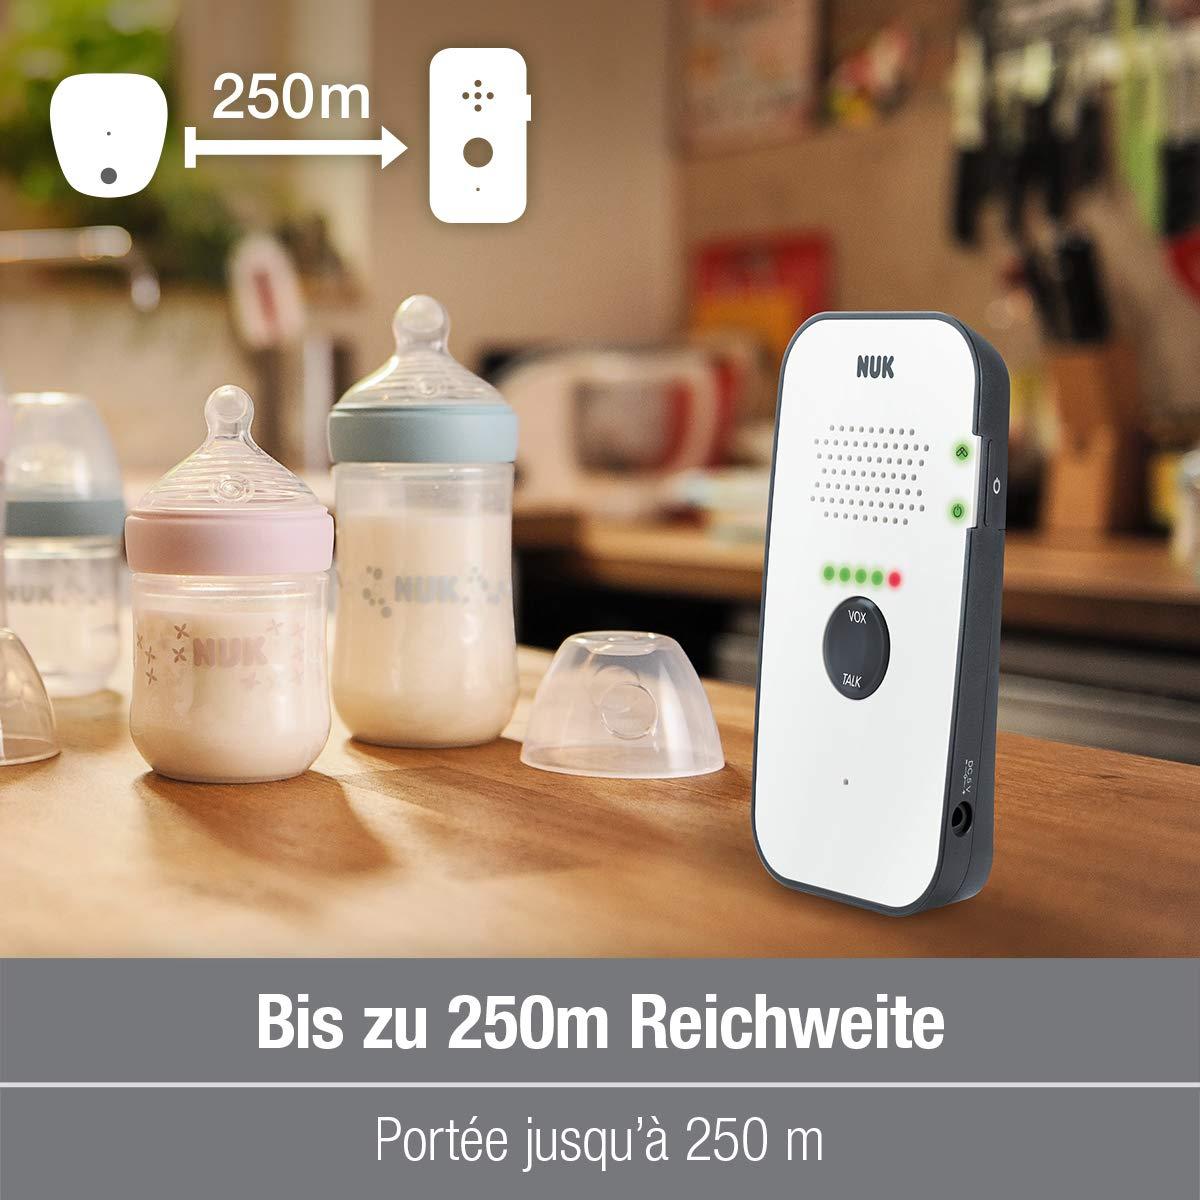 NUK Eco Control 500 Digitales Audio Babyphone Gegensprechfunktion frei von hochfrequenter Strahlung im Eco-Mode wei/ß